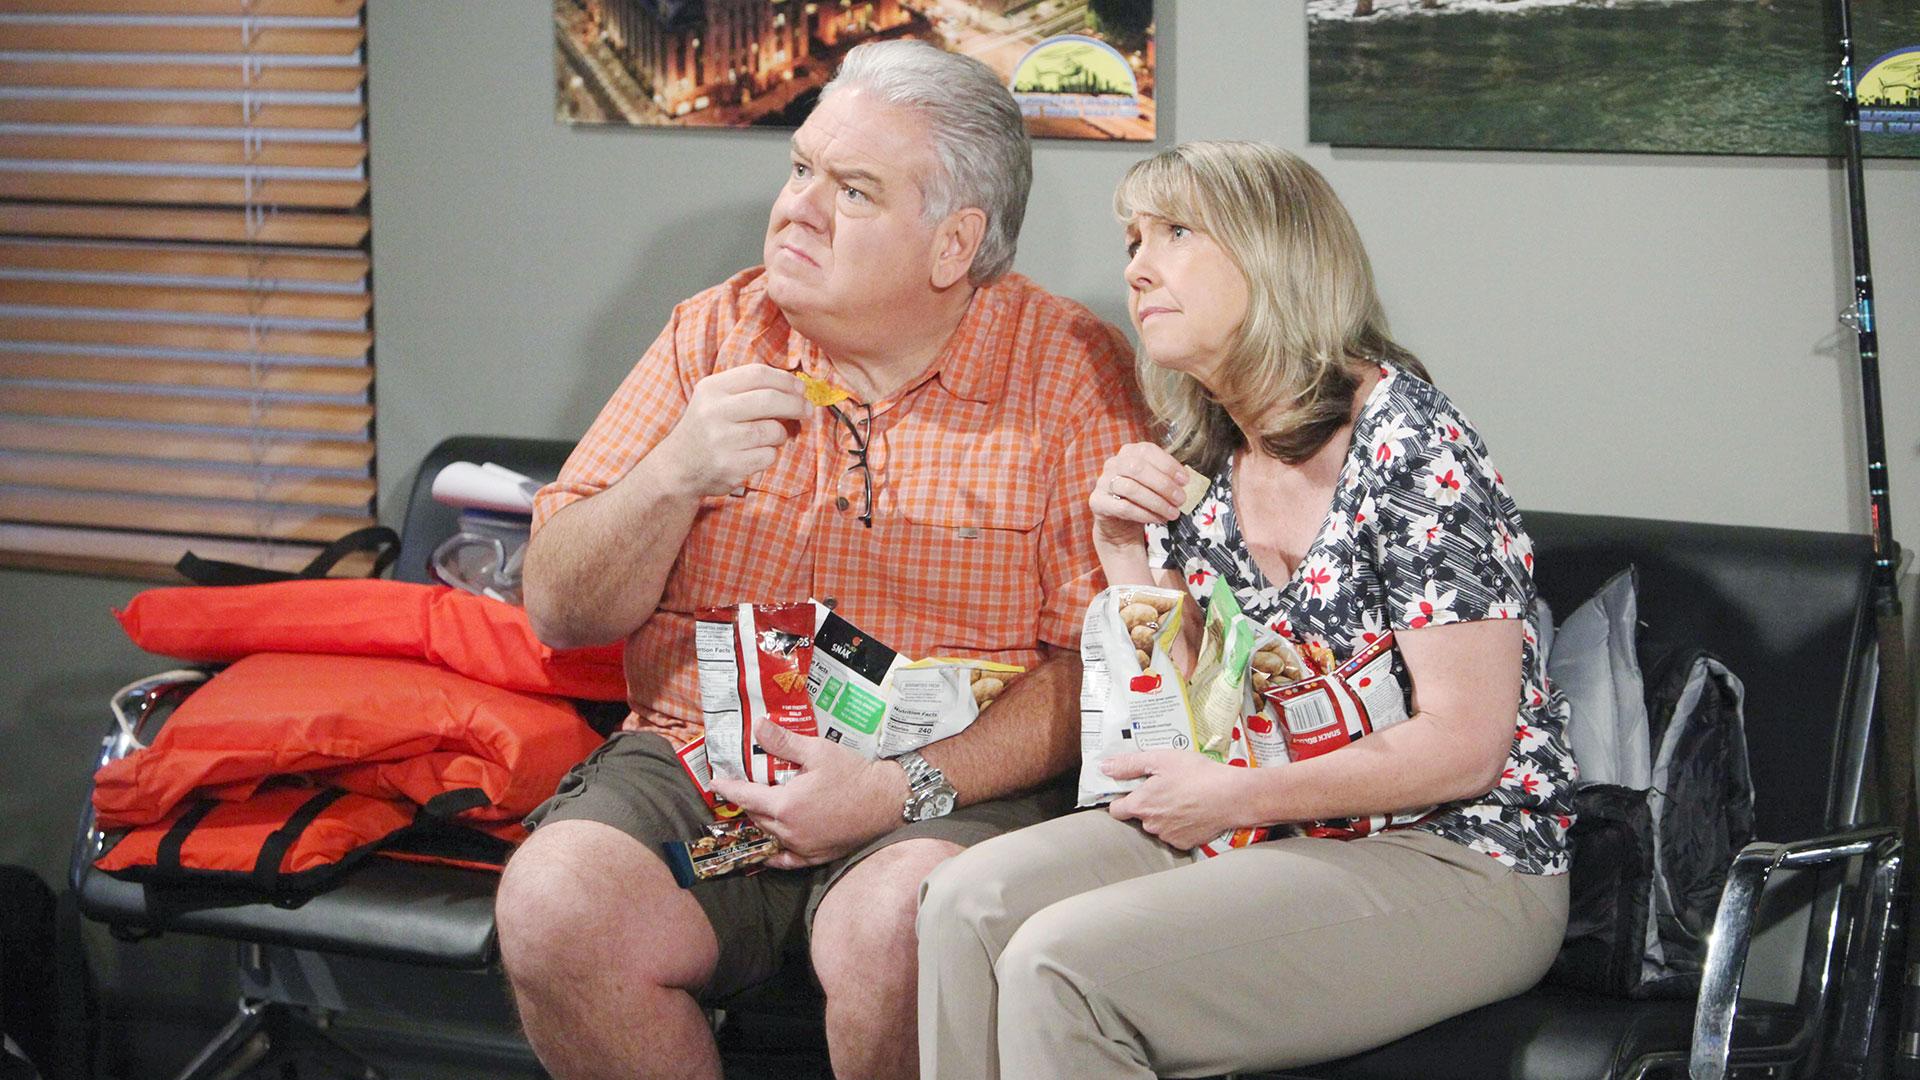 Jim O'Heir and Monica Horan